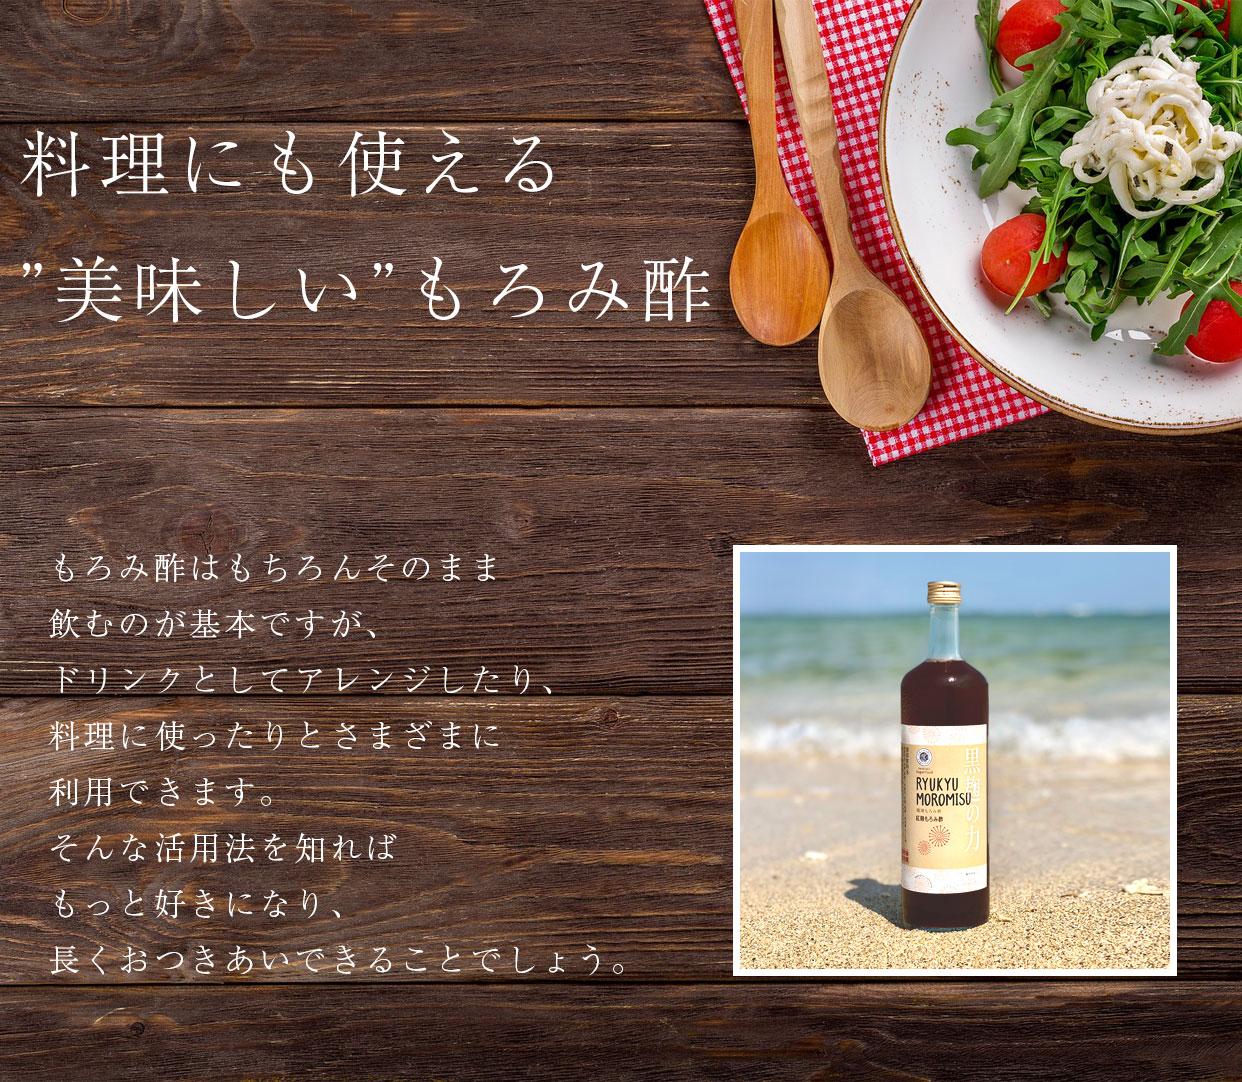 料理にも使える美味しいもろみ酢 もろみ酢はもちろんそのまま飲むのが基本ですが、ドリンクとしてアレンジしたり、料理に使ったりとさまざまに利用できます。そんな活用法を知ればもっと好きになり、長くおつきあいできることでしょう。